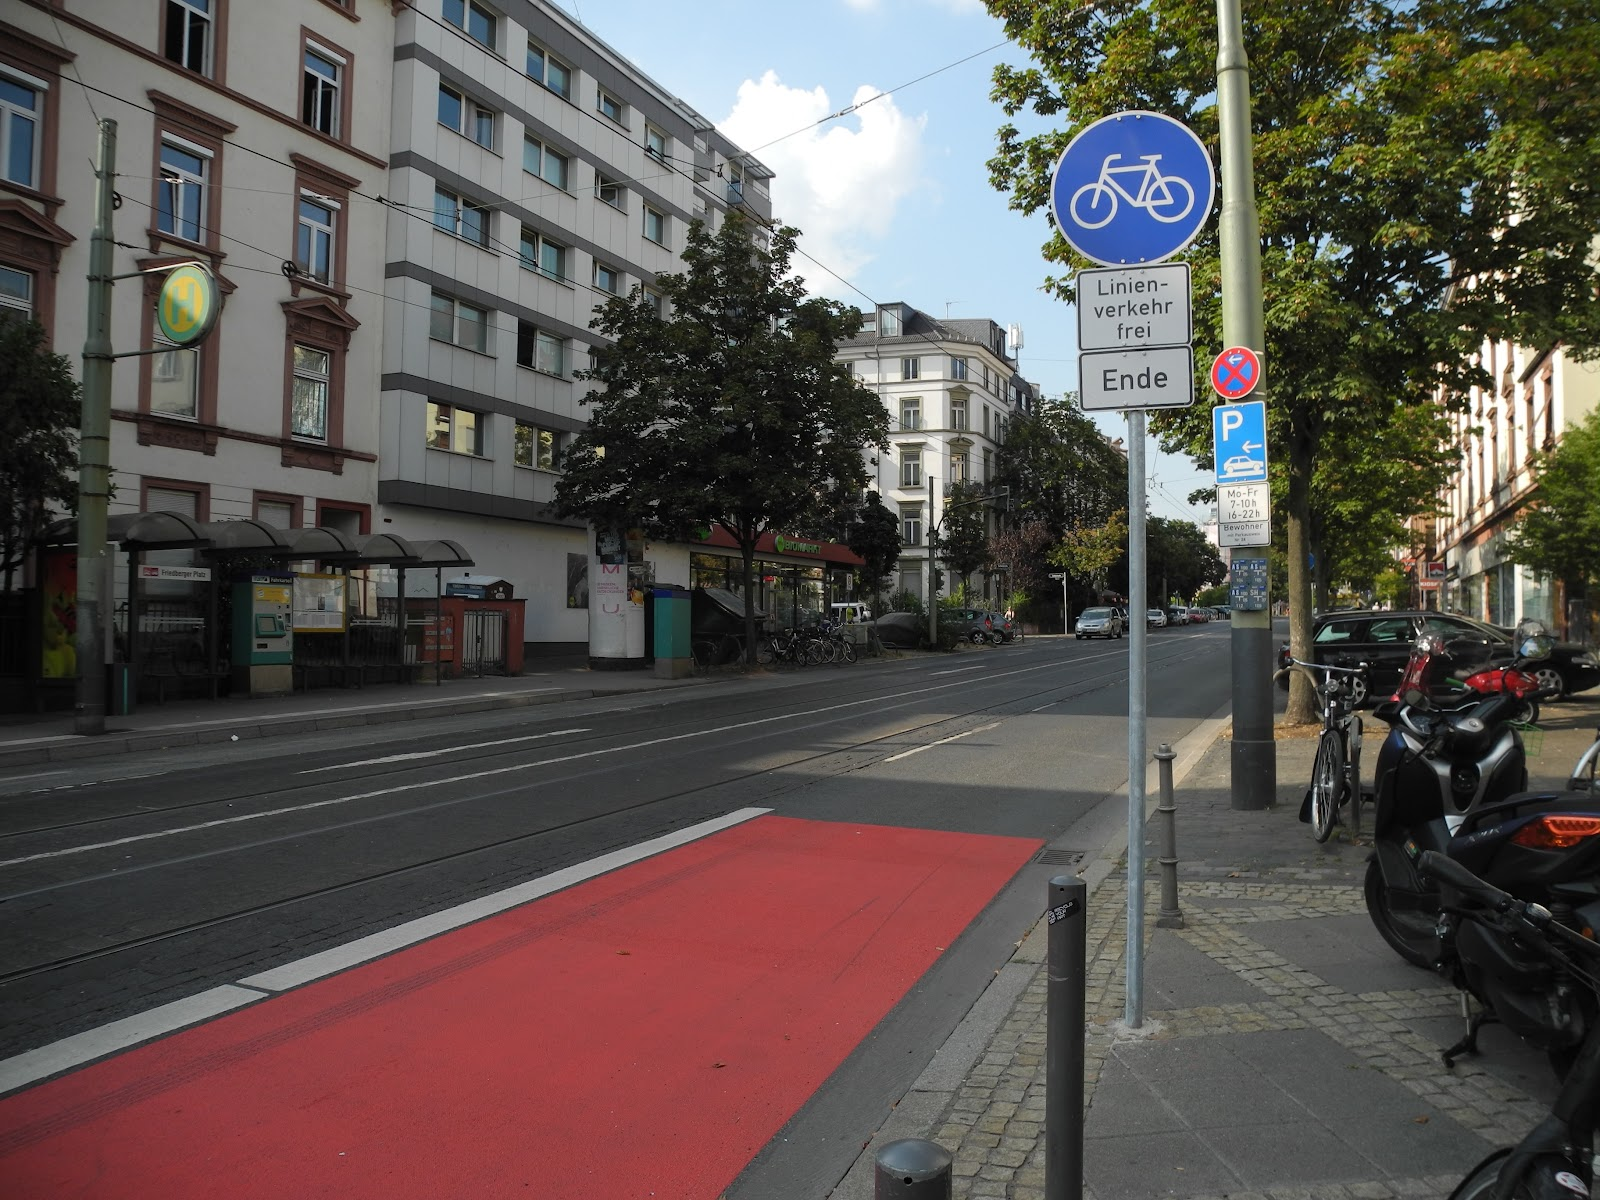 Ende der Radspur auf der Friedberger Landstraße in Richtung Norden, am Friedberger Platz. Das Ende ist abrupt und ist gefährlich für Radfahrende.